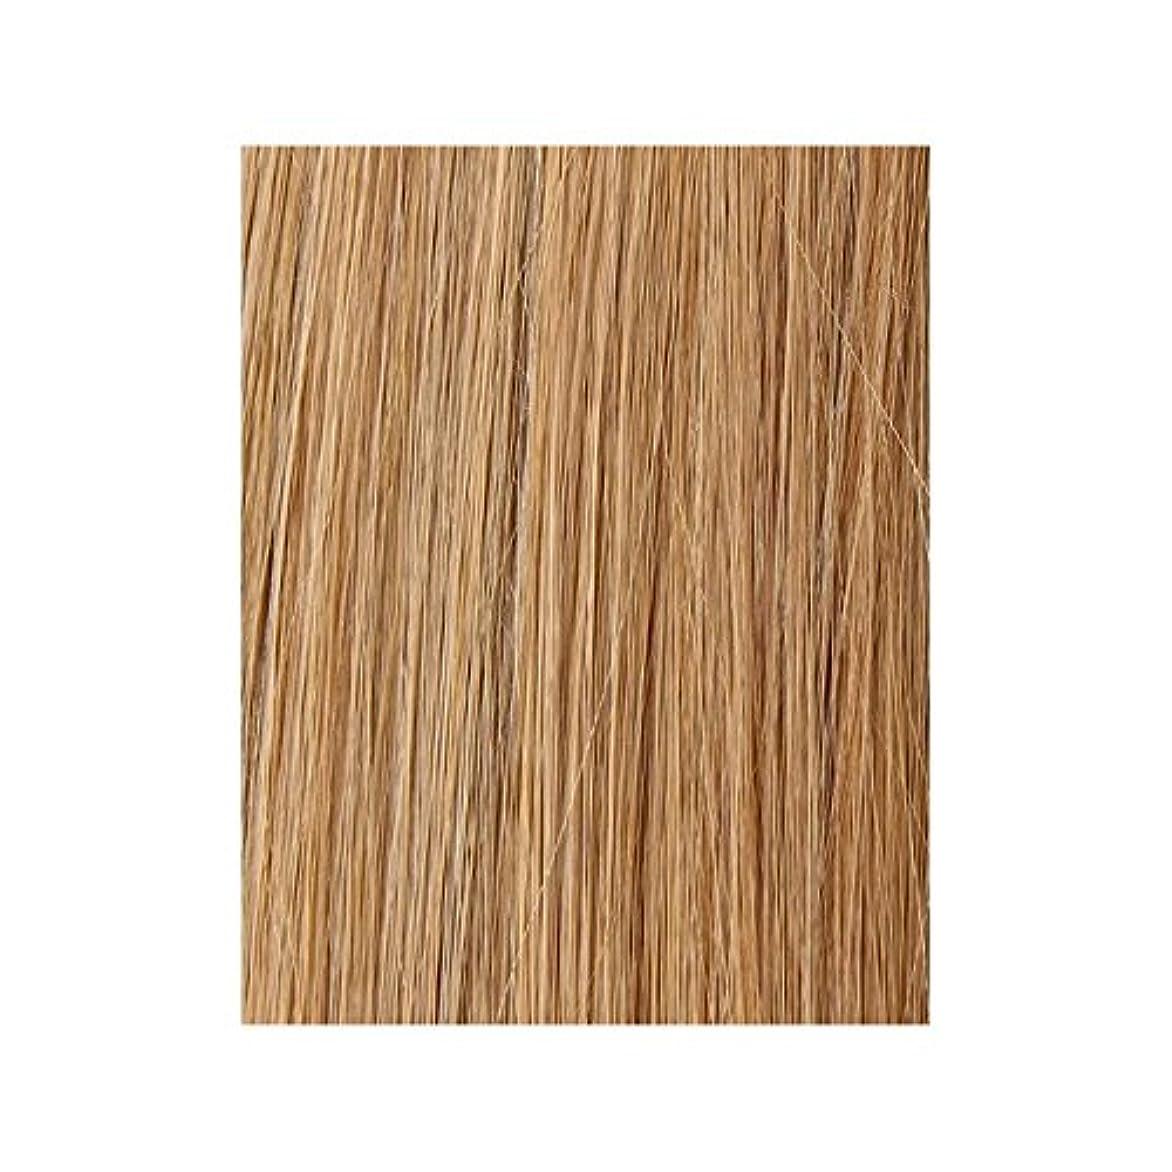 ギネスオリエンテーション記念碑Beauty Works 100% Remy Colour Swatch Hair Extension - Tanned Blonde 10/14/16 - 美しさは、100%レミー色見本ヘアエクステンションを作品 - ブロンド日焼けした10/14/16 [並行輸入品]